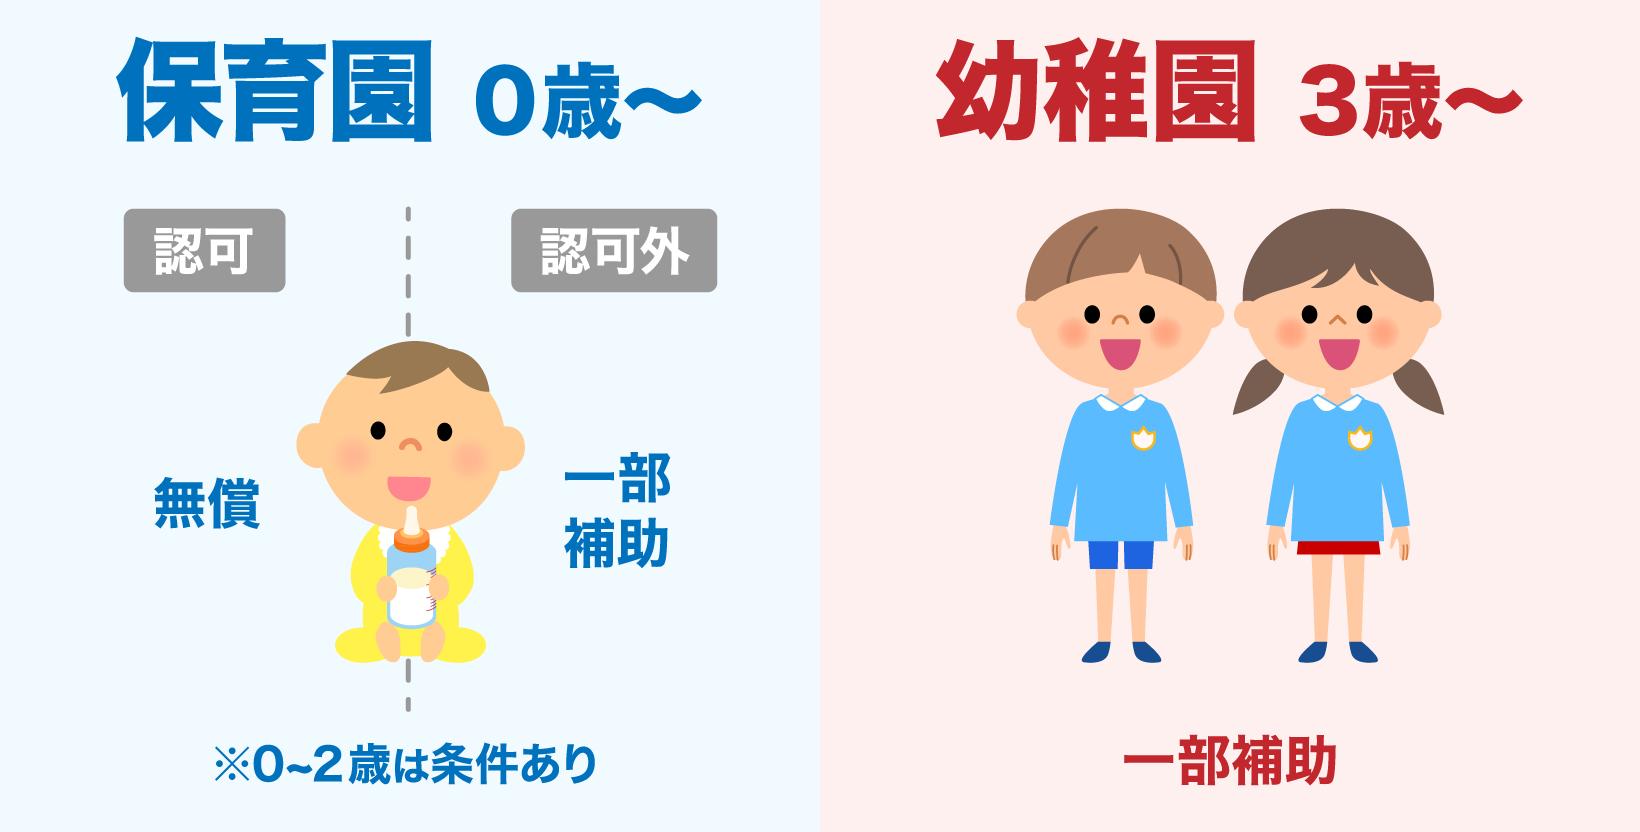 保育料無償化に伴い、認可保育所では無償、認可外保育所でも一部補助が始まる(0~2歳児は条件あり)。幼稚園では一部補助あり